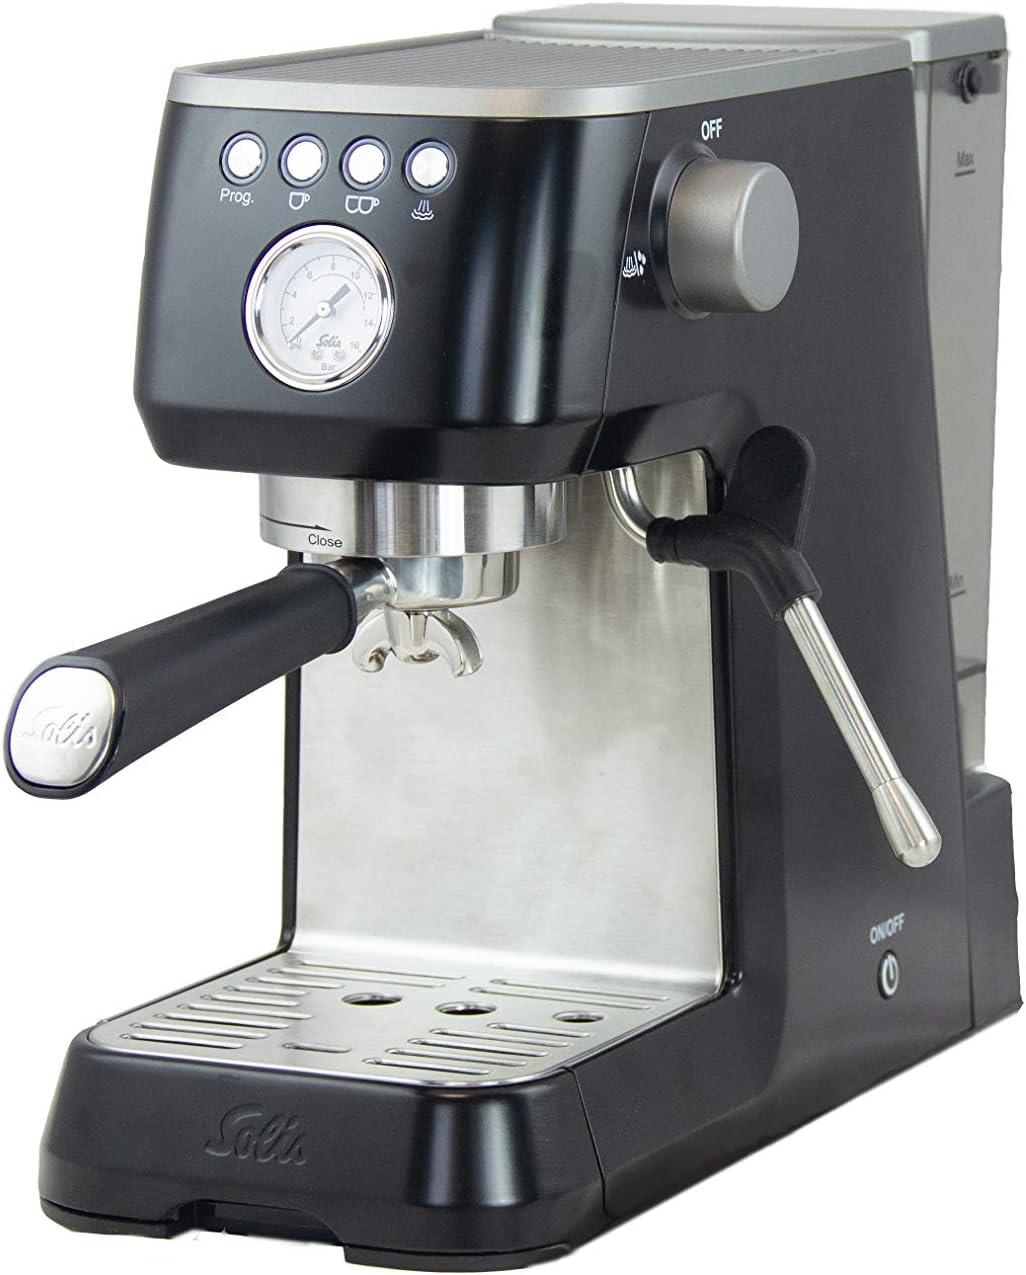 Acero inoxidable 15 bar Solis Barista Perfetta Plus 1170 1 o 2 tazas 1,7 L M/áquina de caf/é expreso Gris Cafetera expresso autom/ática